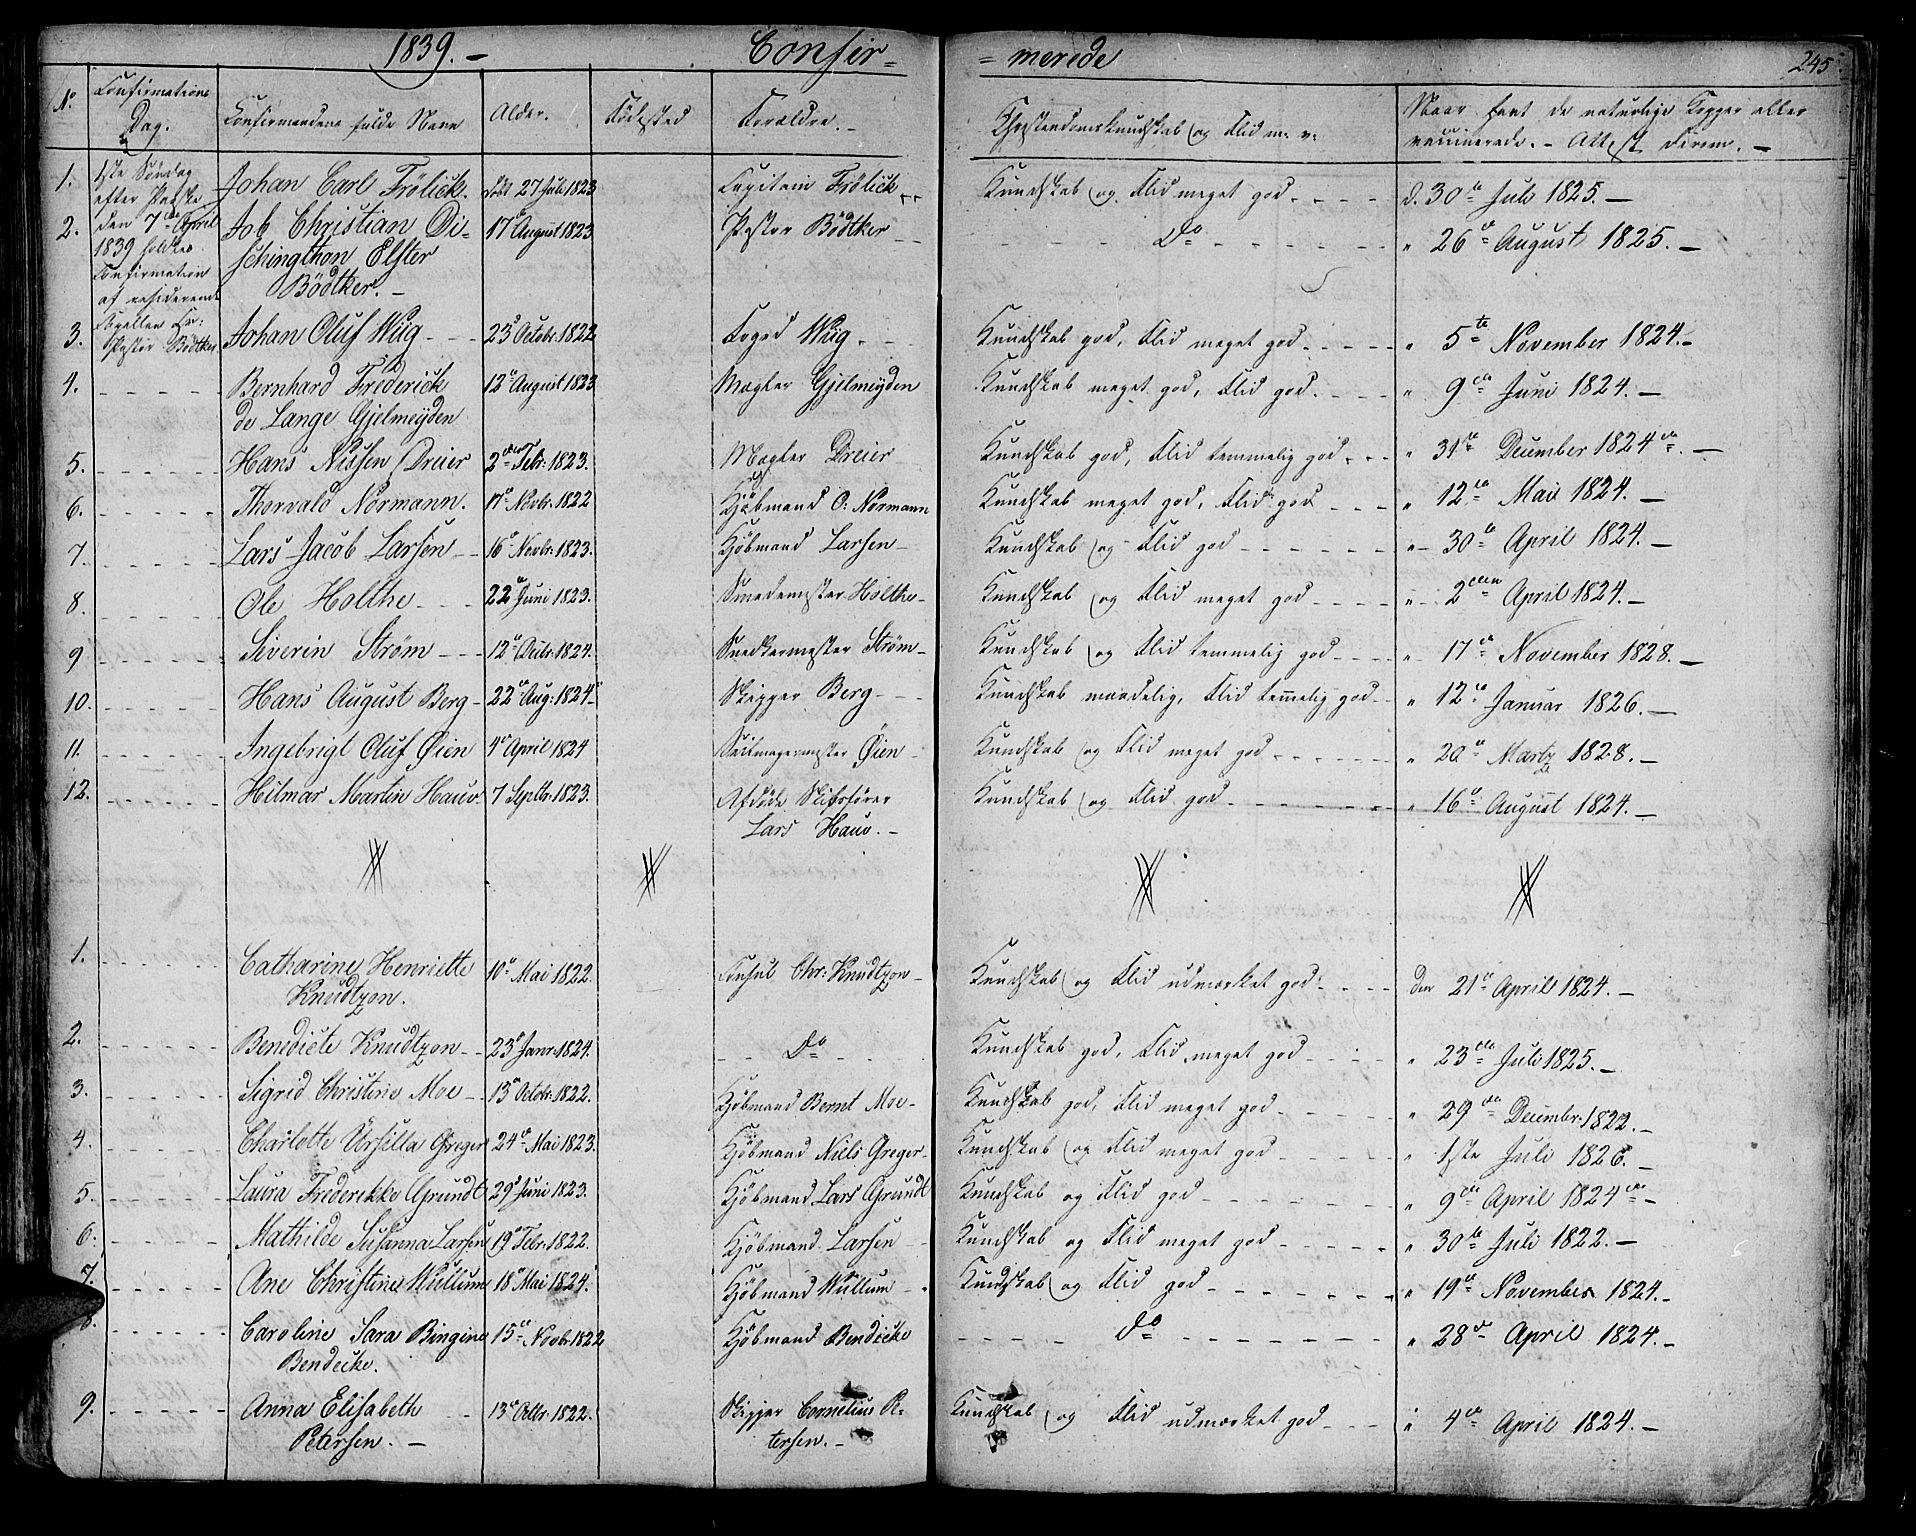 SAT, Ministerialprotokoller, klokkerbøker og fødselsregistre - Sør-Trøndelag, 602/L0108: Ministerialbok nr. 602A06, 1821-1839, s. 245